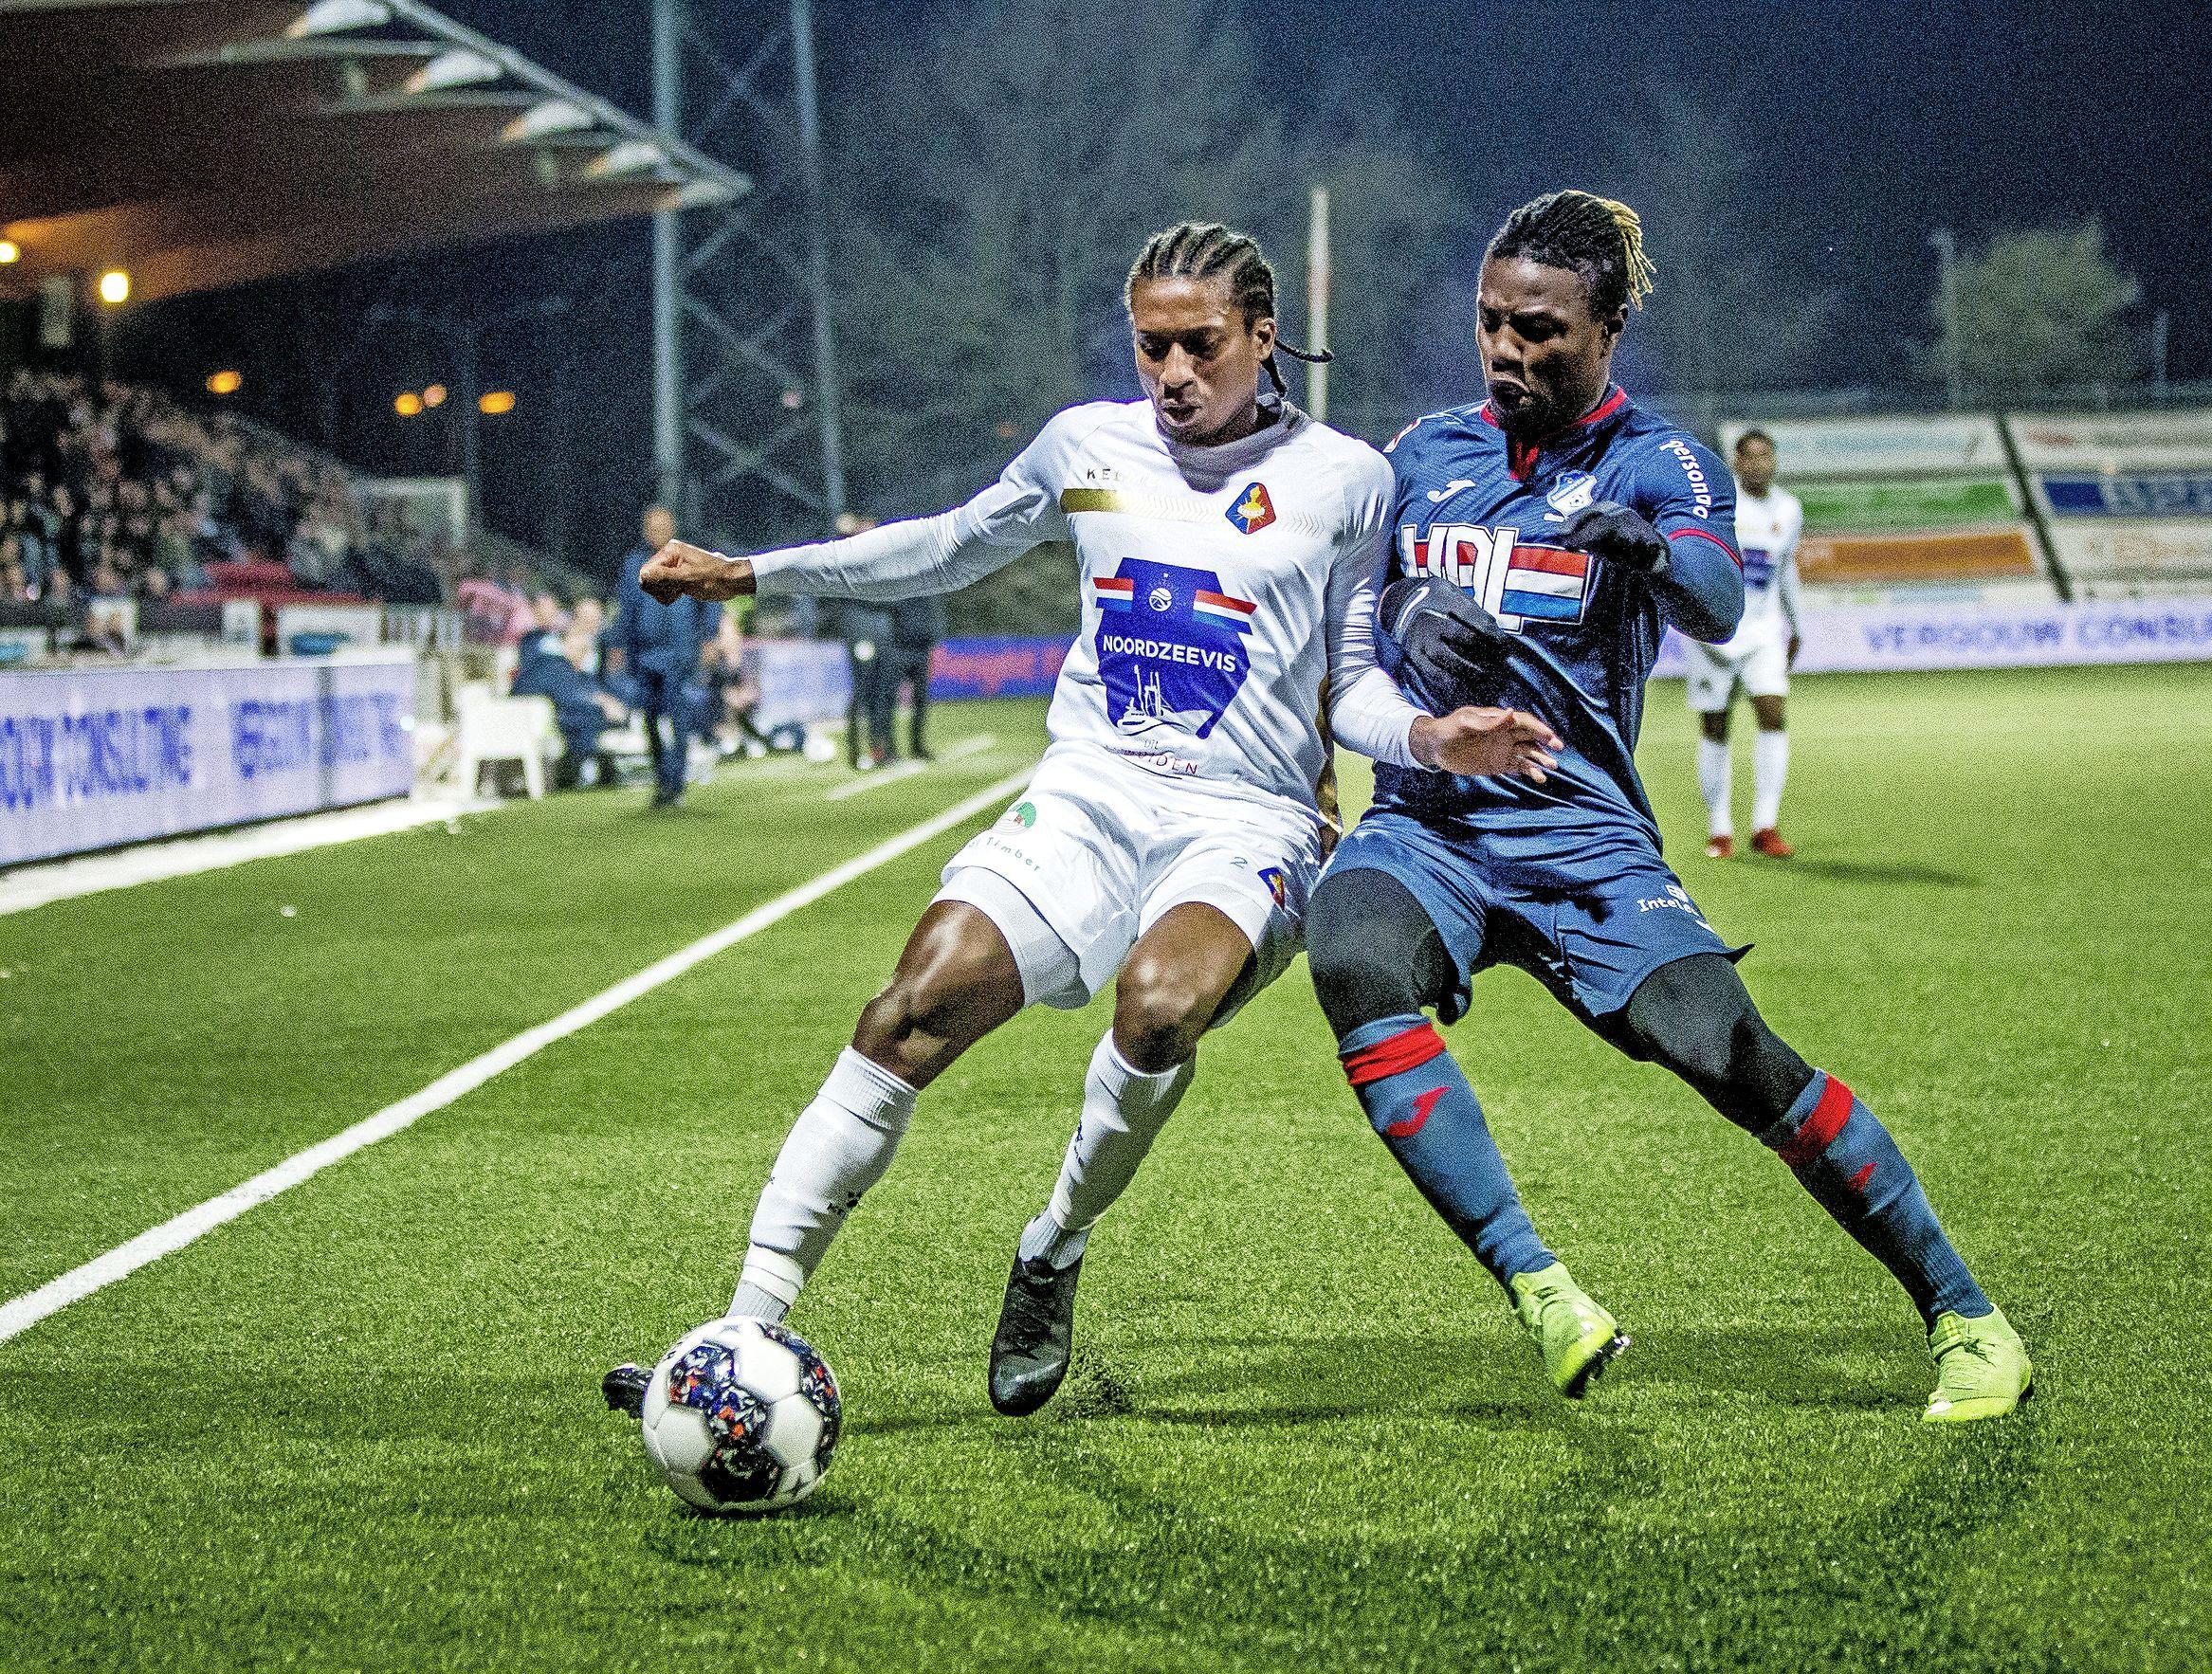 Net als elke Klassieker kent Telstar - FC Eindhoven zijn controverse: 'Mister Eindhoven' herinnert zich nog hoe 'bekogelde' keeper werd afgevoerd in bekerclash in 1992 [video]